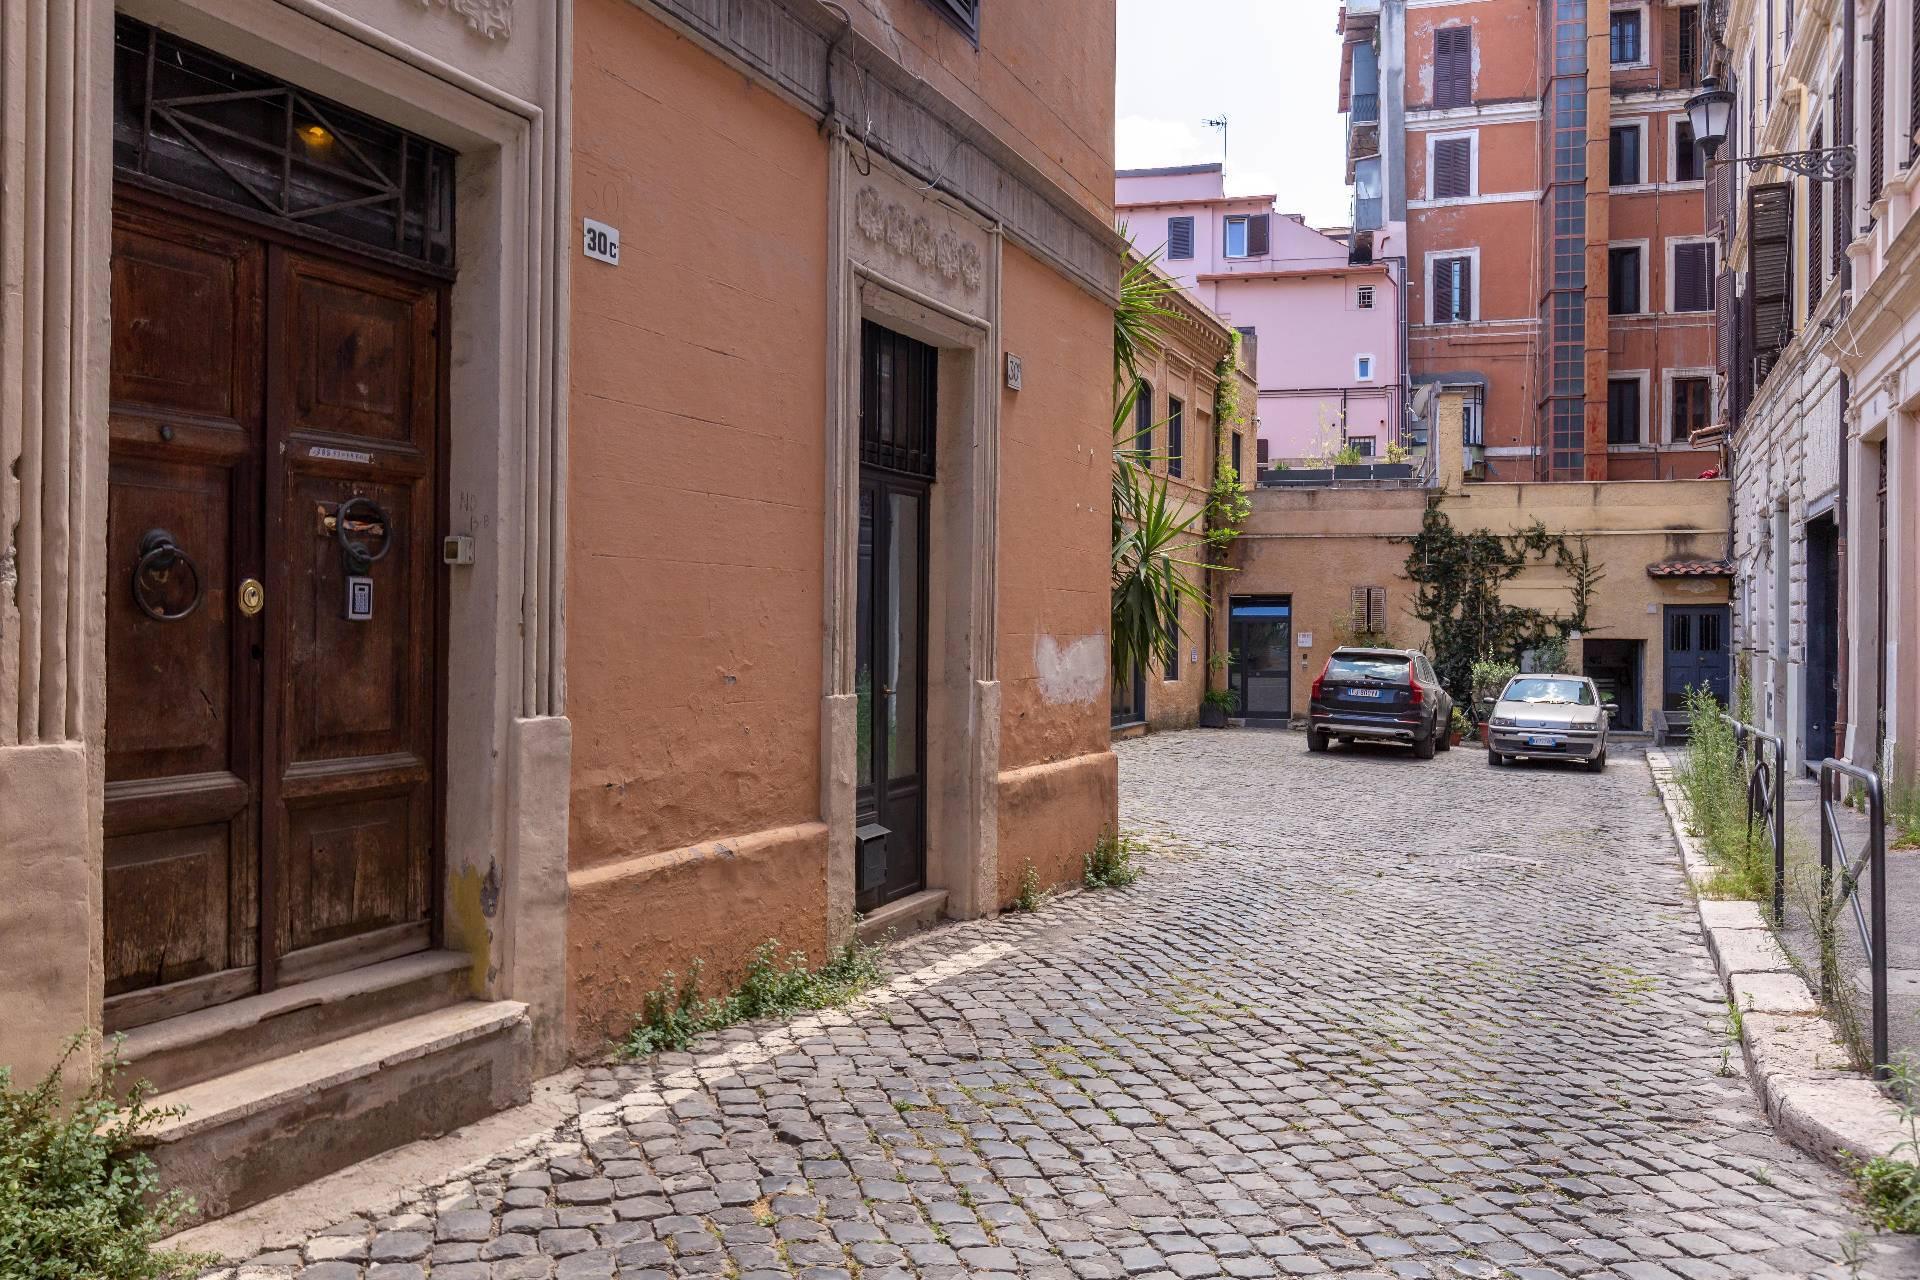 Casa indipendente in Vendita a Roma: 3 locali, 66 mq - Foto 16